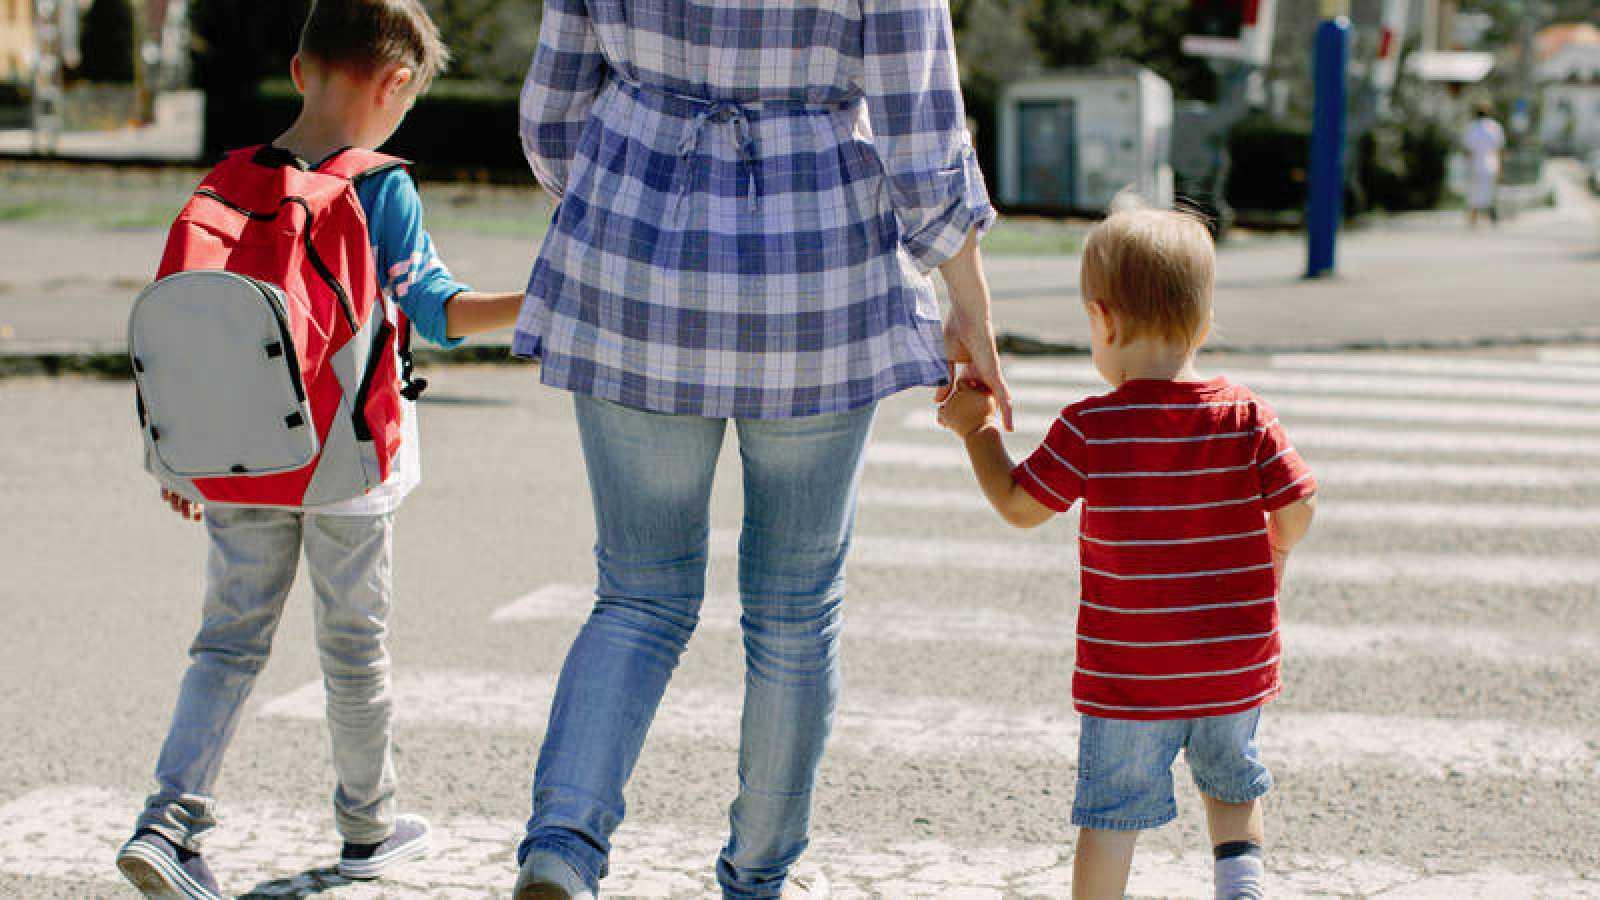 Los riesgos estudiados en niños se relacionan con enfermedades respiratorias, cardiovasculares y neurológicas, entre otras.